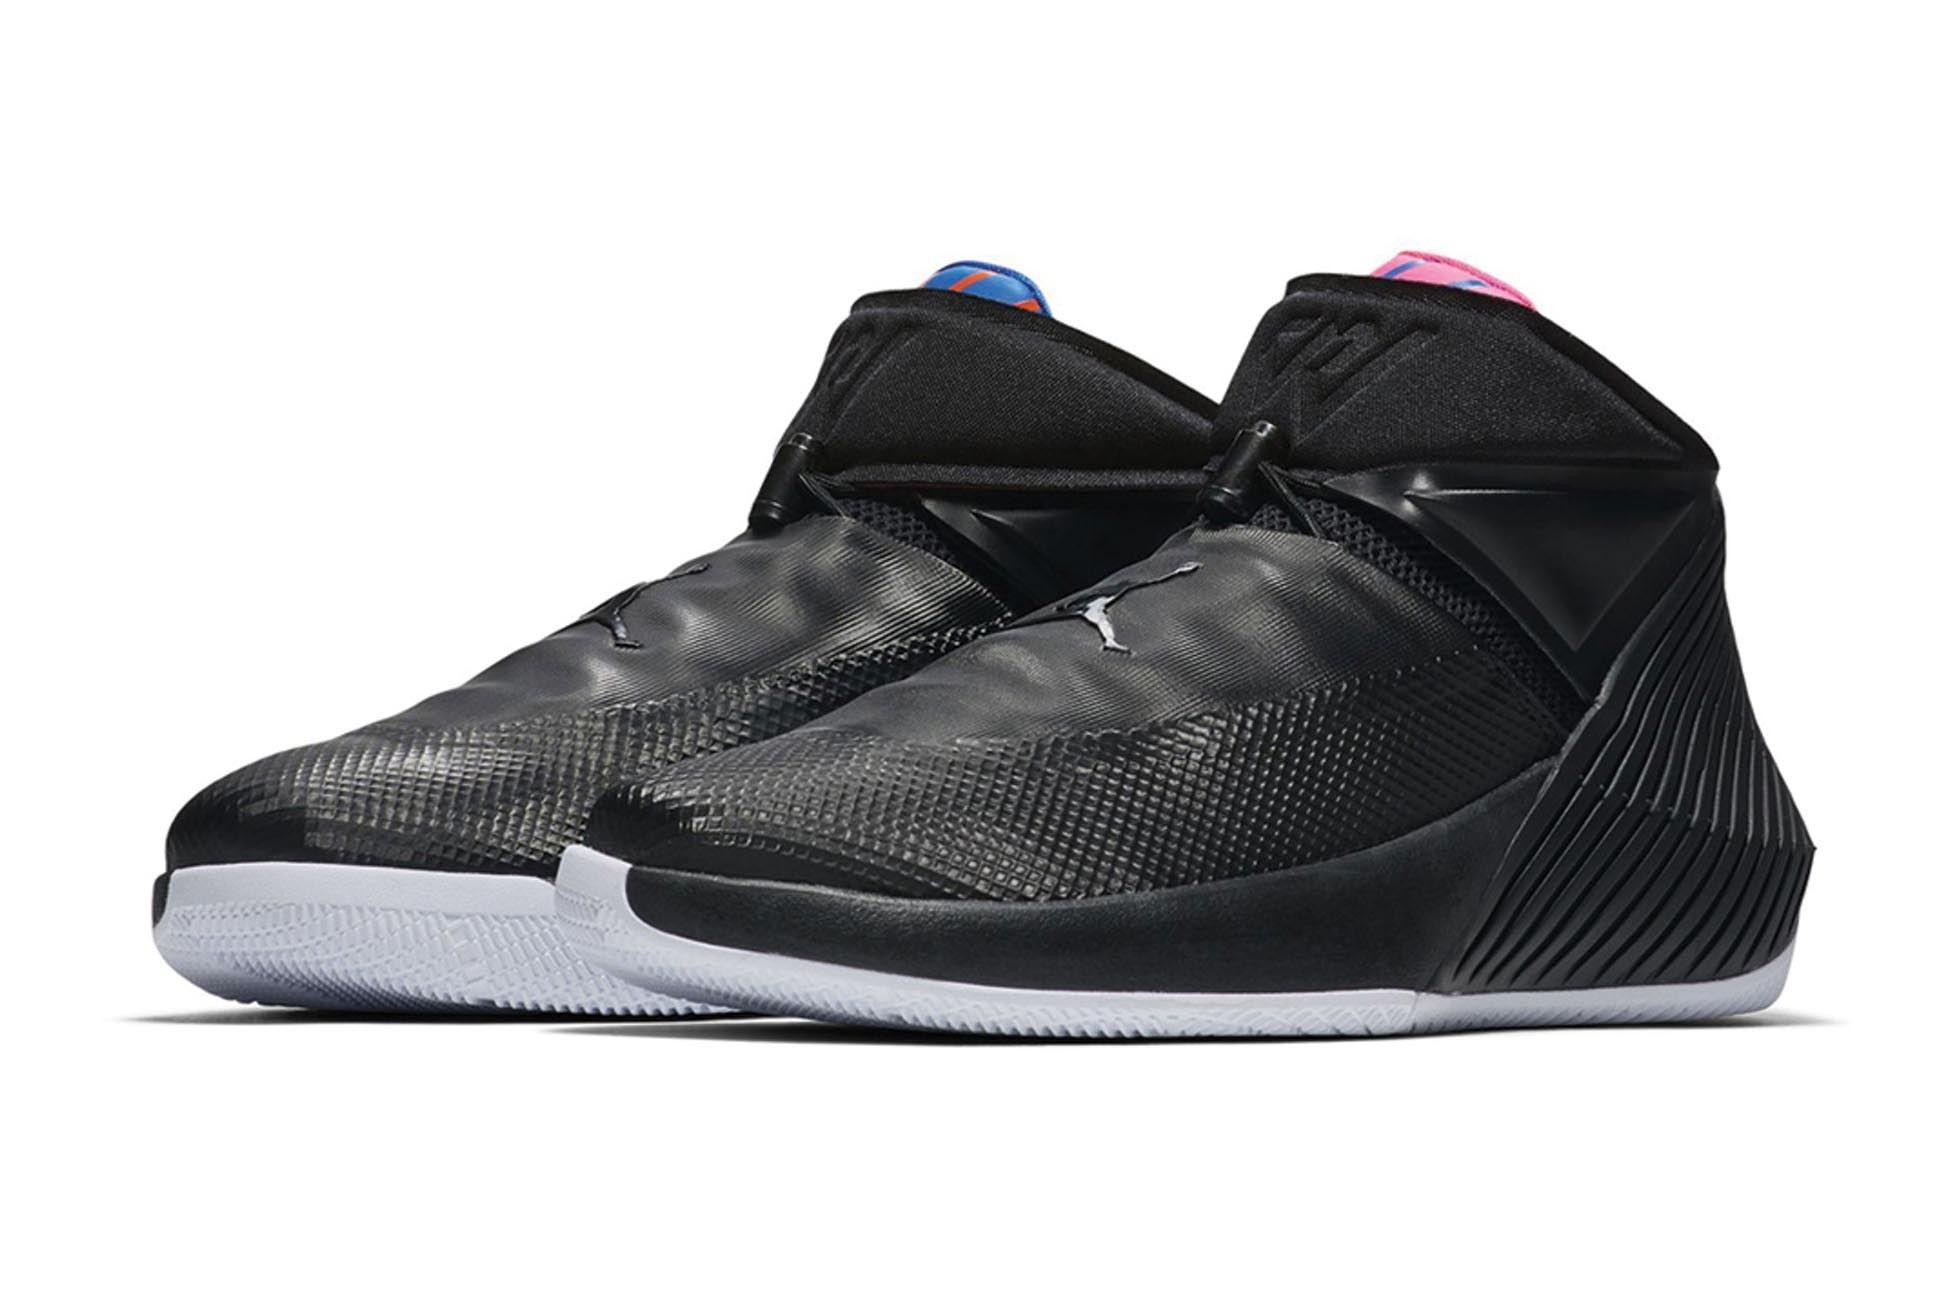 Jordan Why Not Zer01 Phd First Look 002 Sneaker Freaker